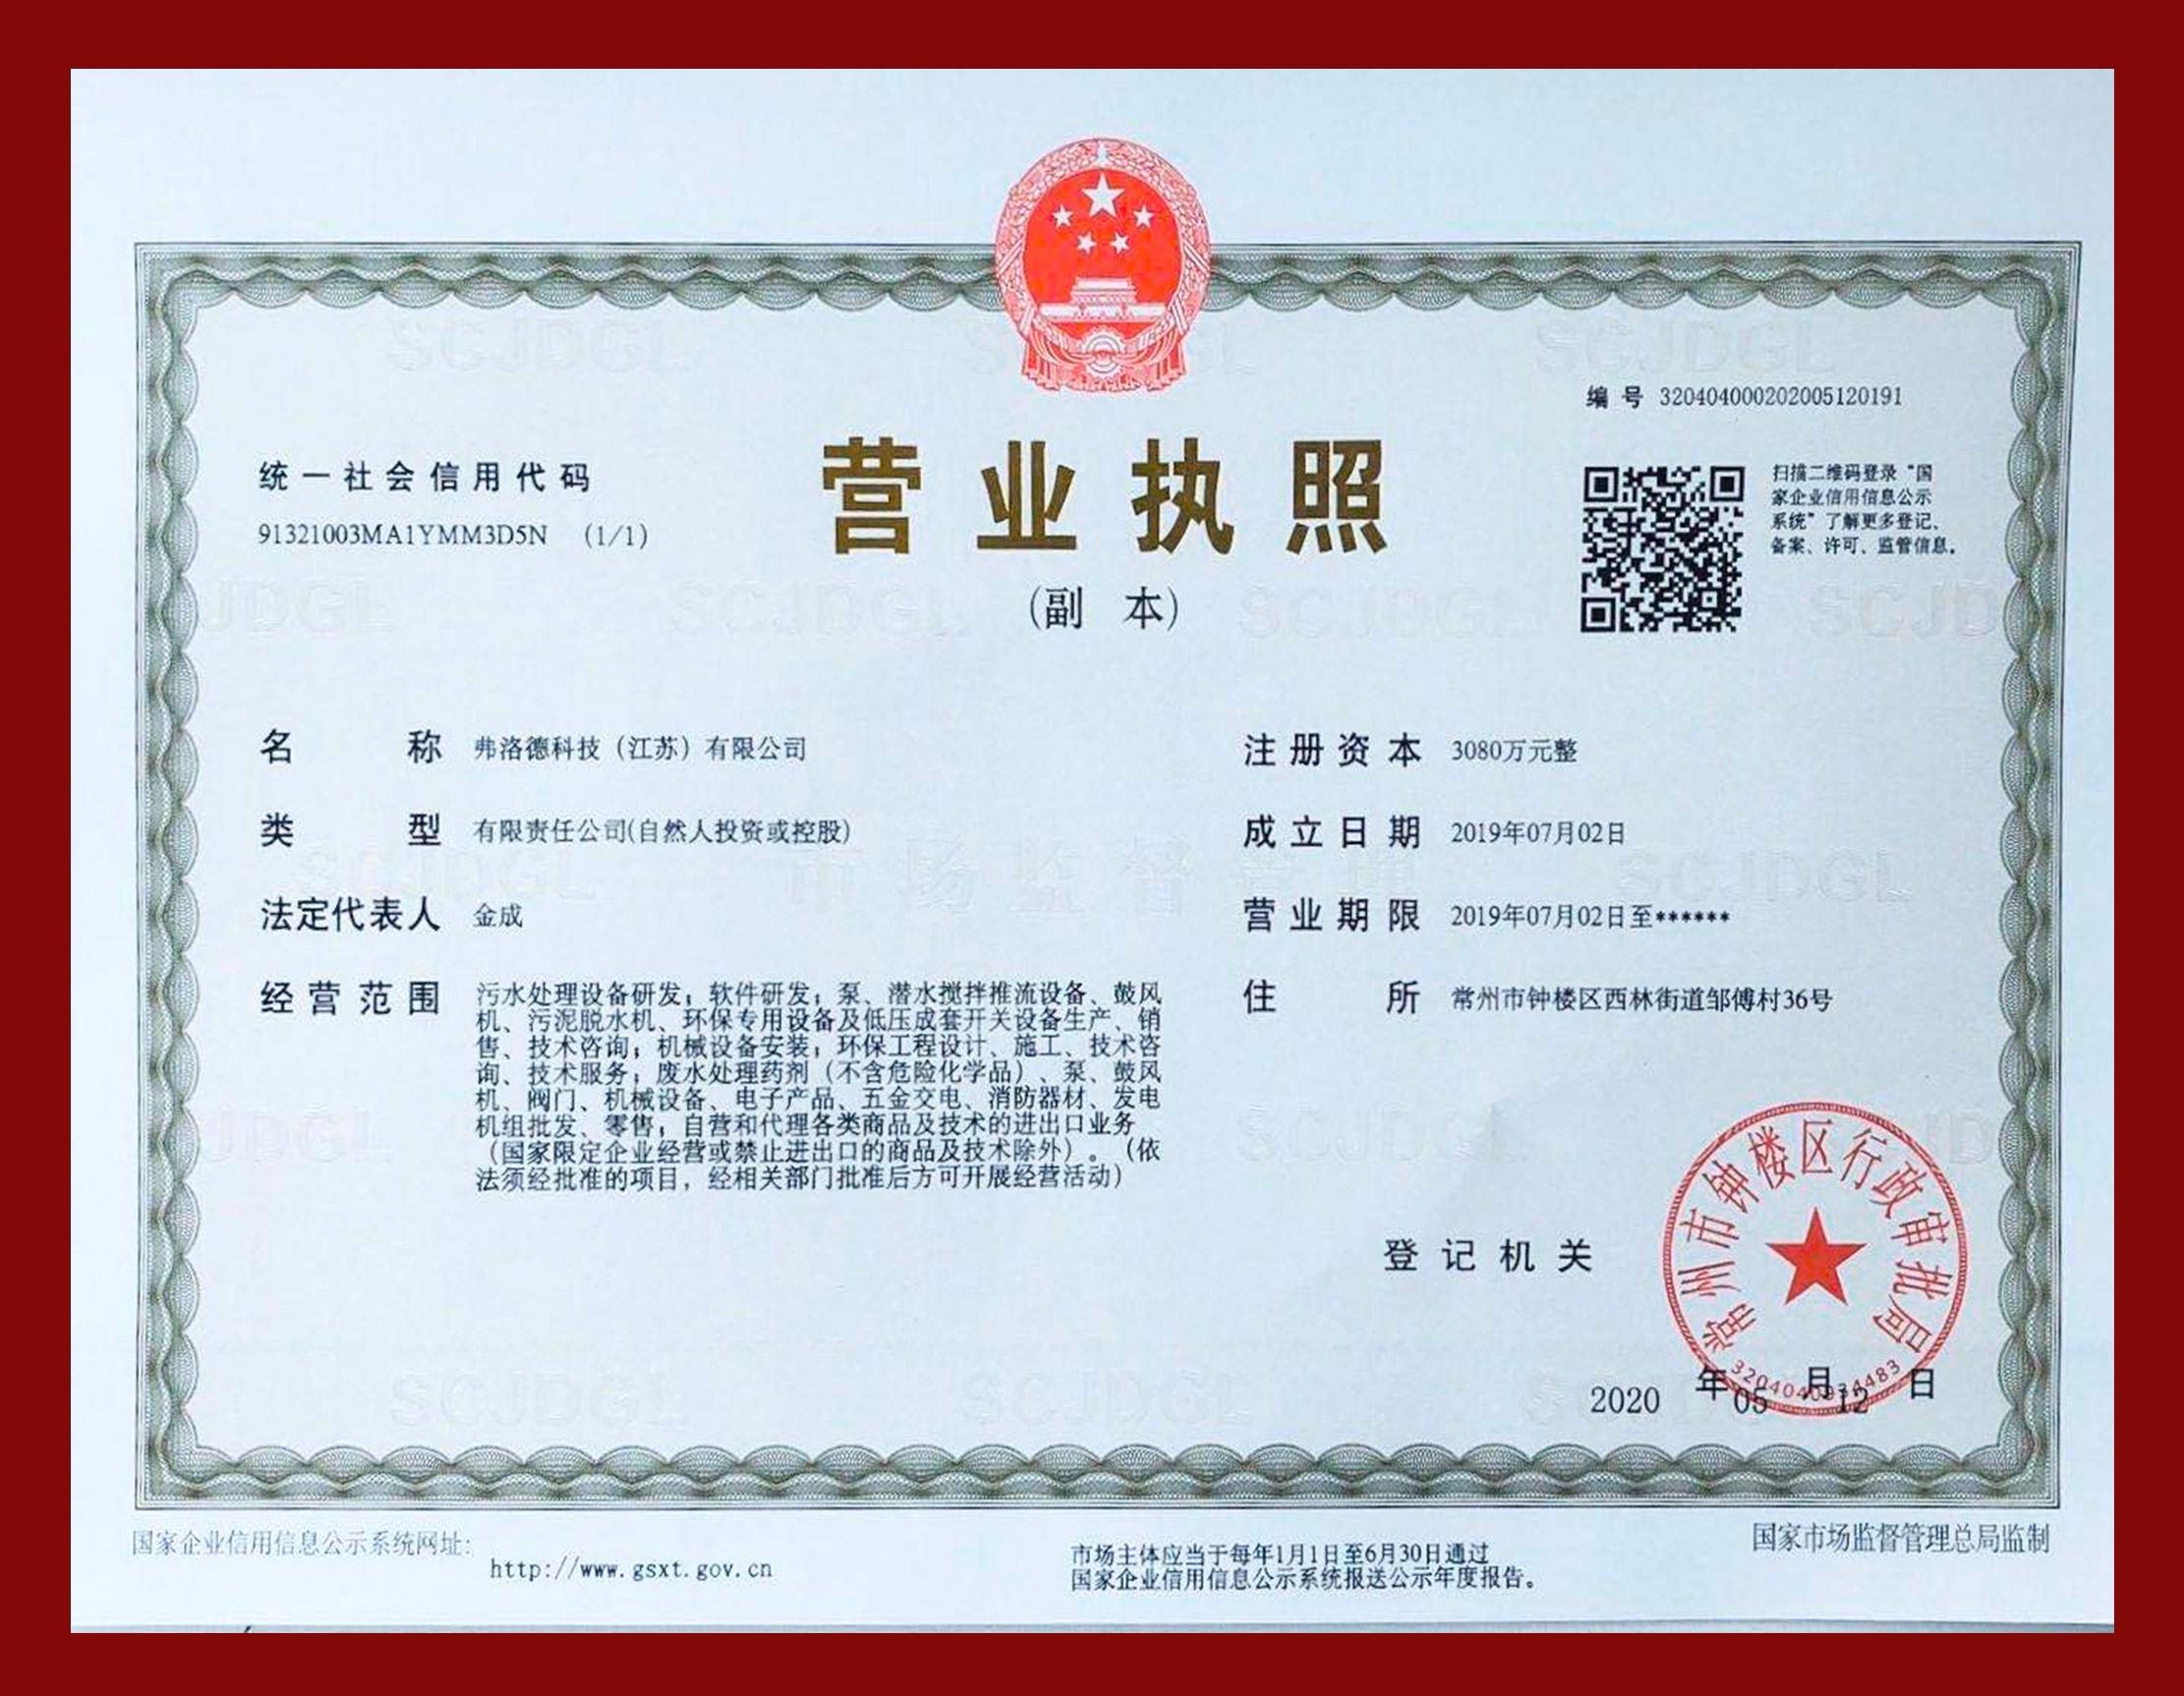 弗洛德科技(江苏)有限公司营业执照